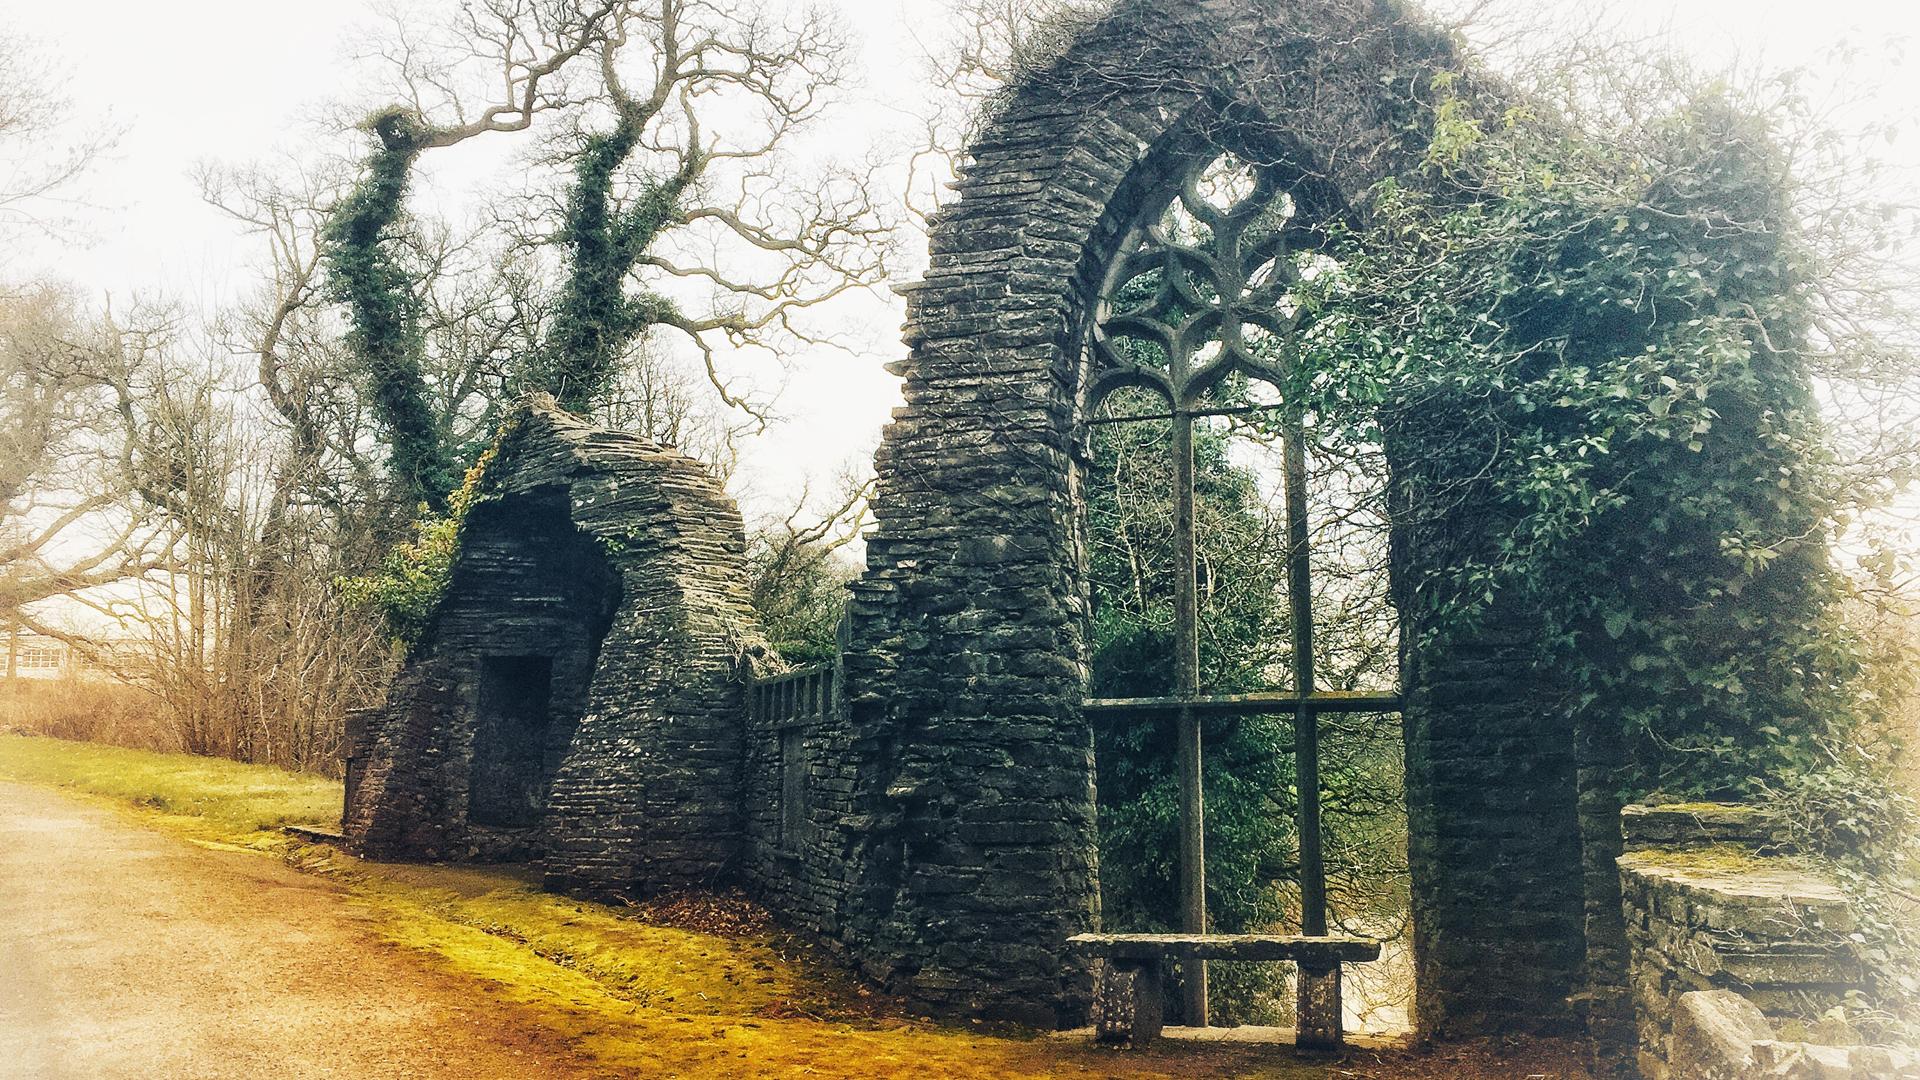 Gothic Ruin at Heywood Ballinakill